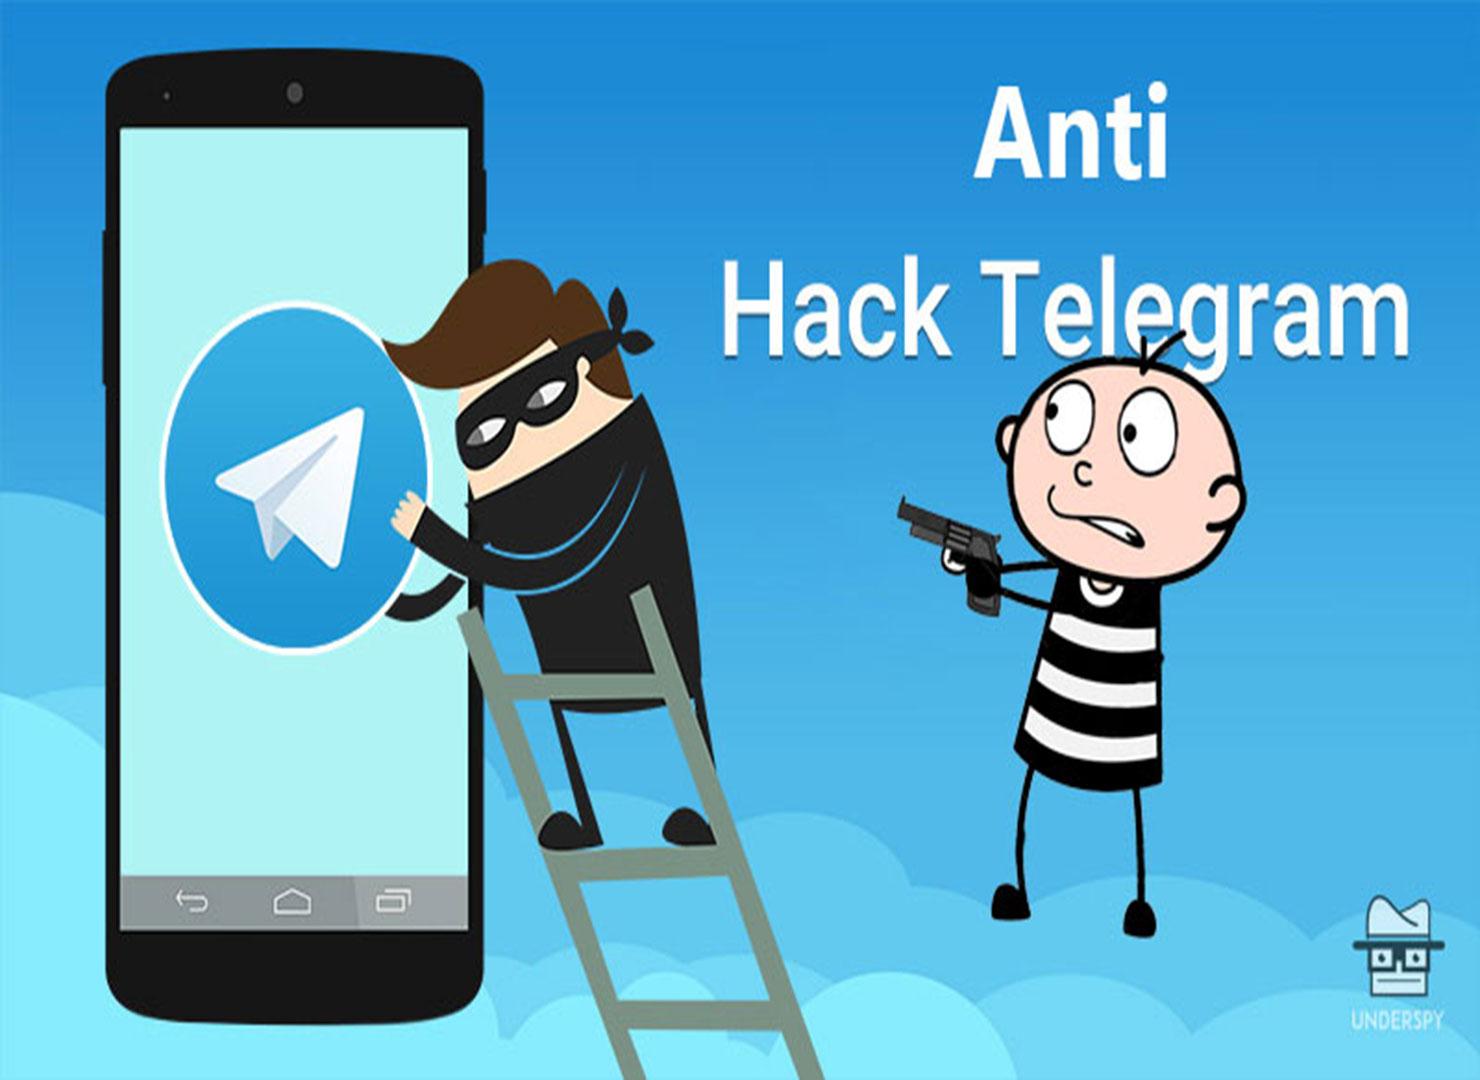 جلوگیری از هک تلگرام و حذف هکر از تلگرام(آموزش تصویری)